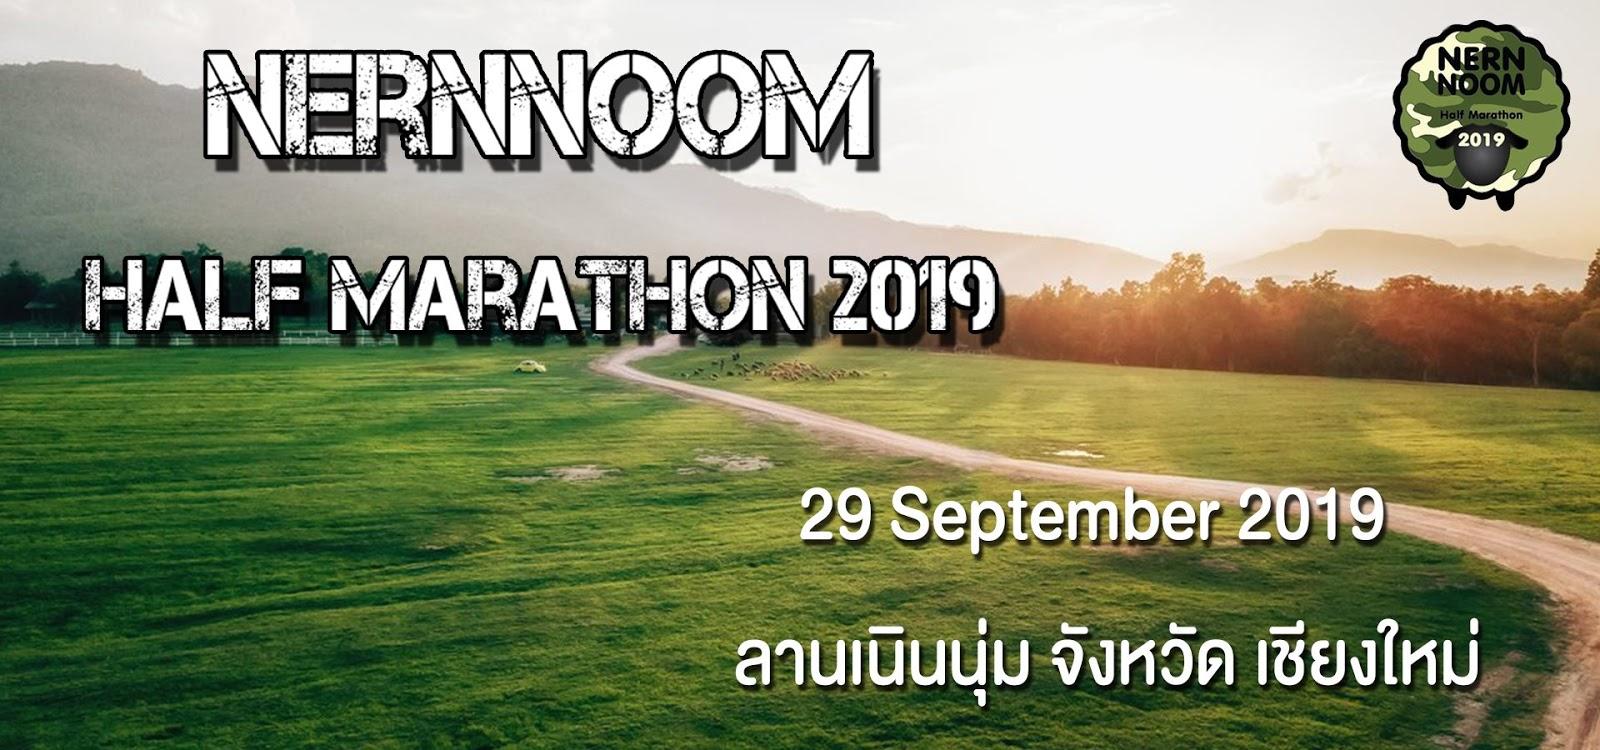 งานวิ่งเชียงใหม่ รายการ เนินนุ่ม ฮาล์ฟมาราธอน 2019 Nern Noom Half Marathon 2019